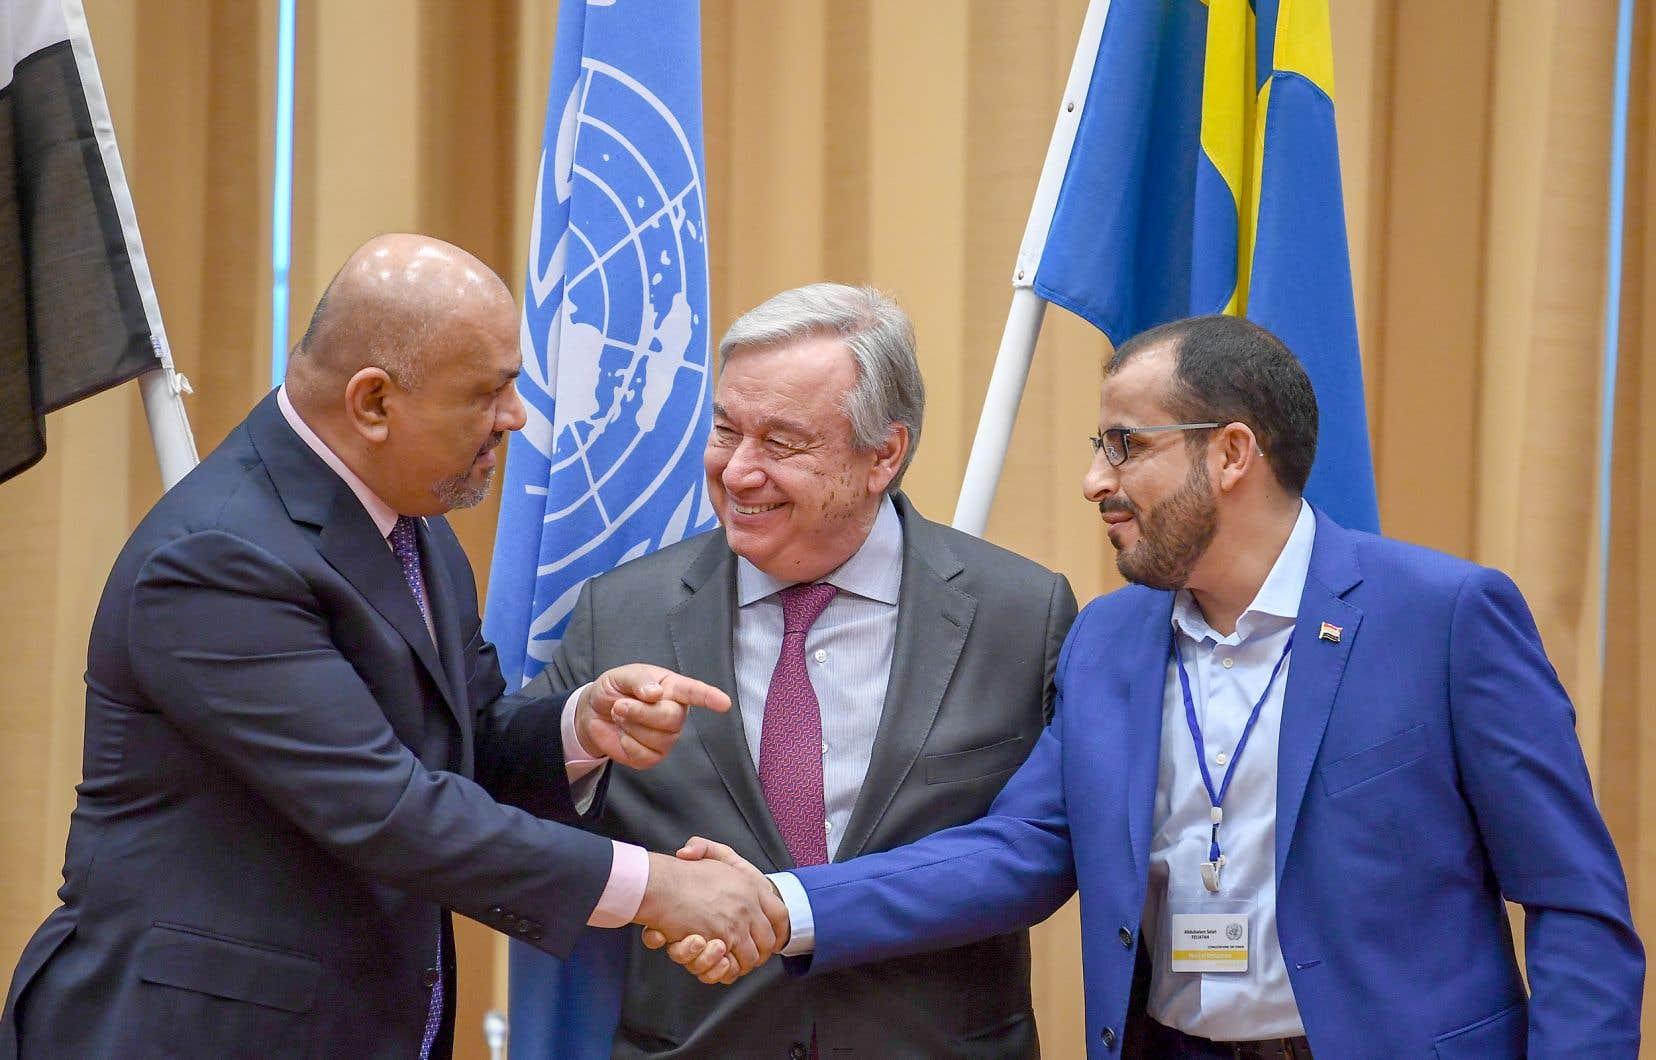 Le secrétaire général de l'ONU, Antonio Guterres, souriait, jeudi, alors que Khaled al-Yamani, le ministre yéménite des Affaires étrangères (à gauche), et Mohammed Abdelsalam, un négociateur des Houthis, se serraient la main.